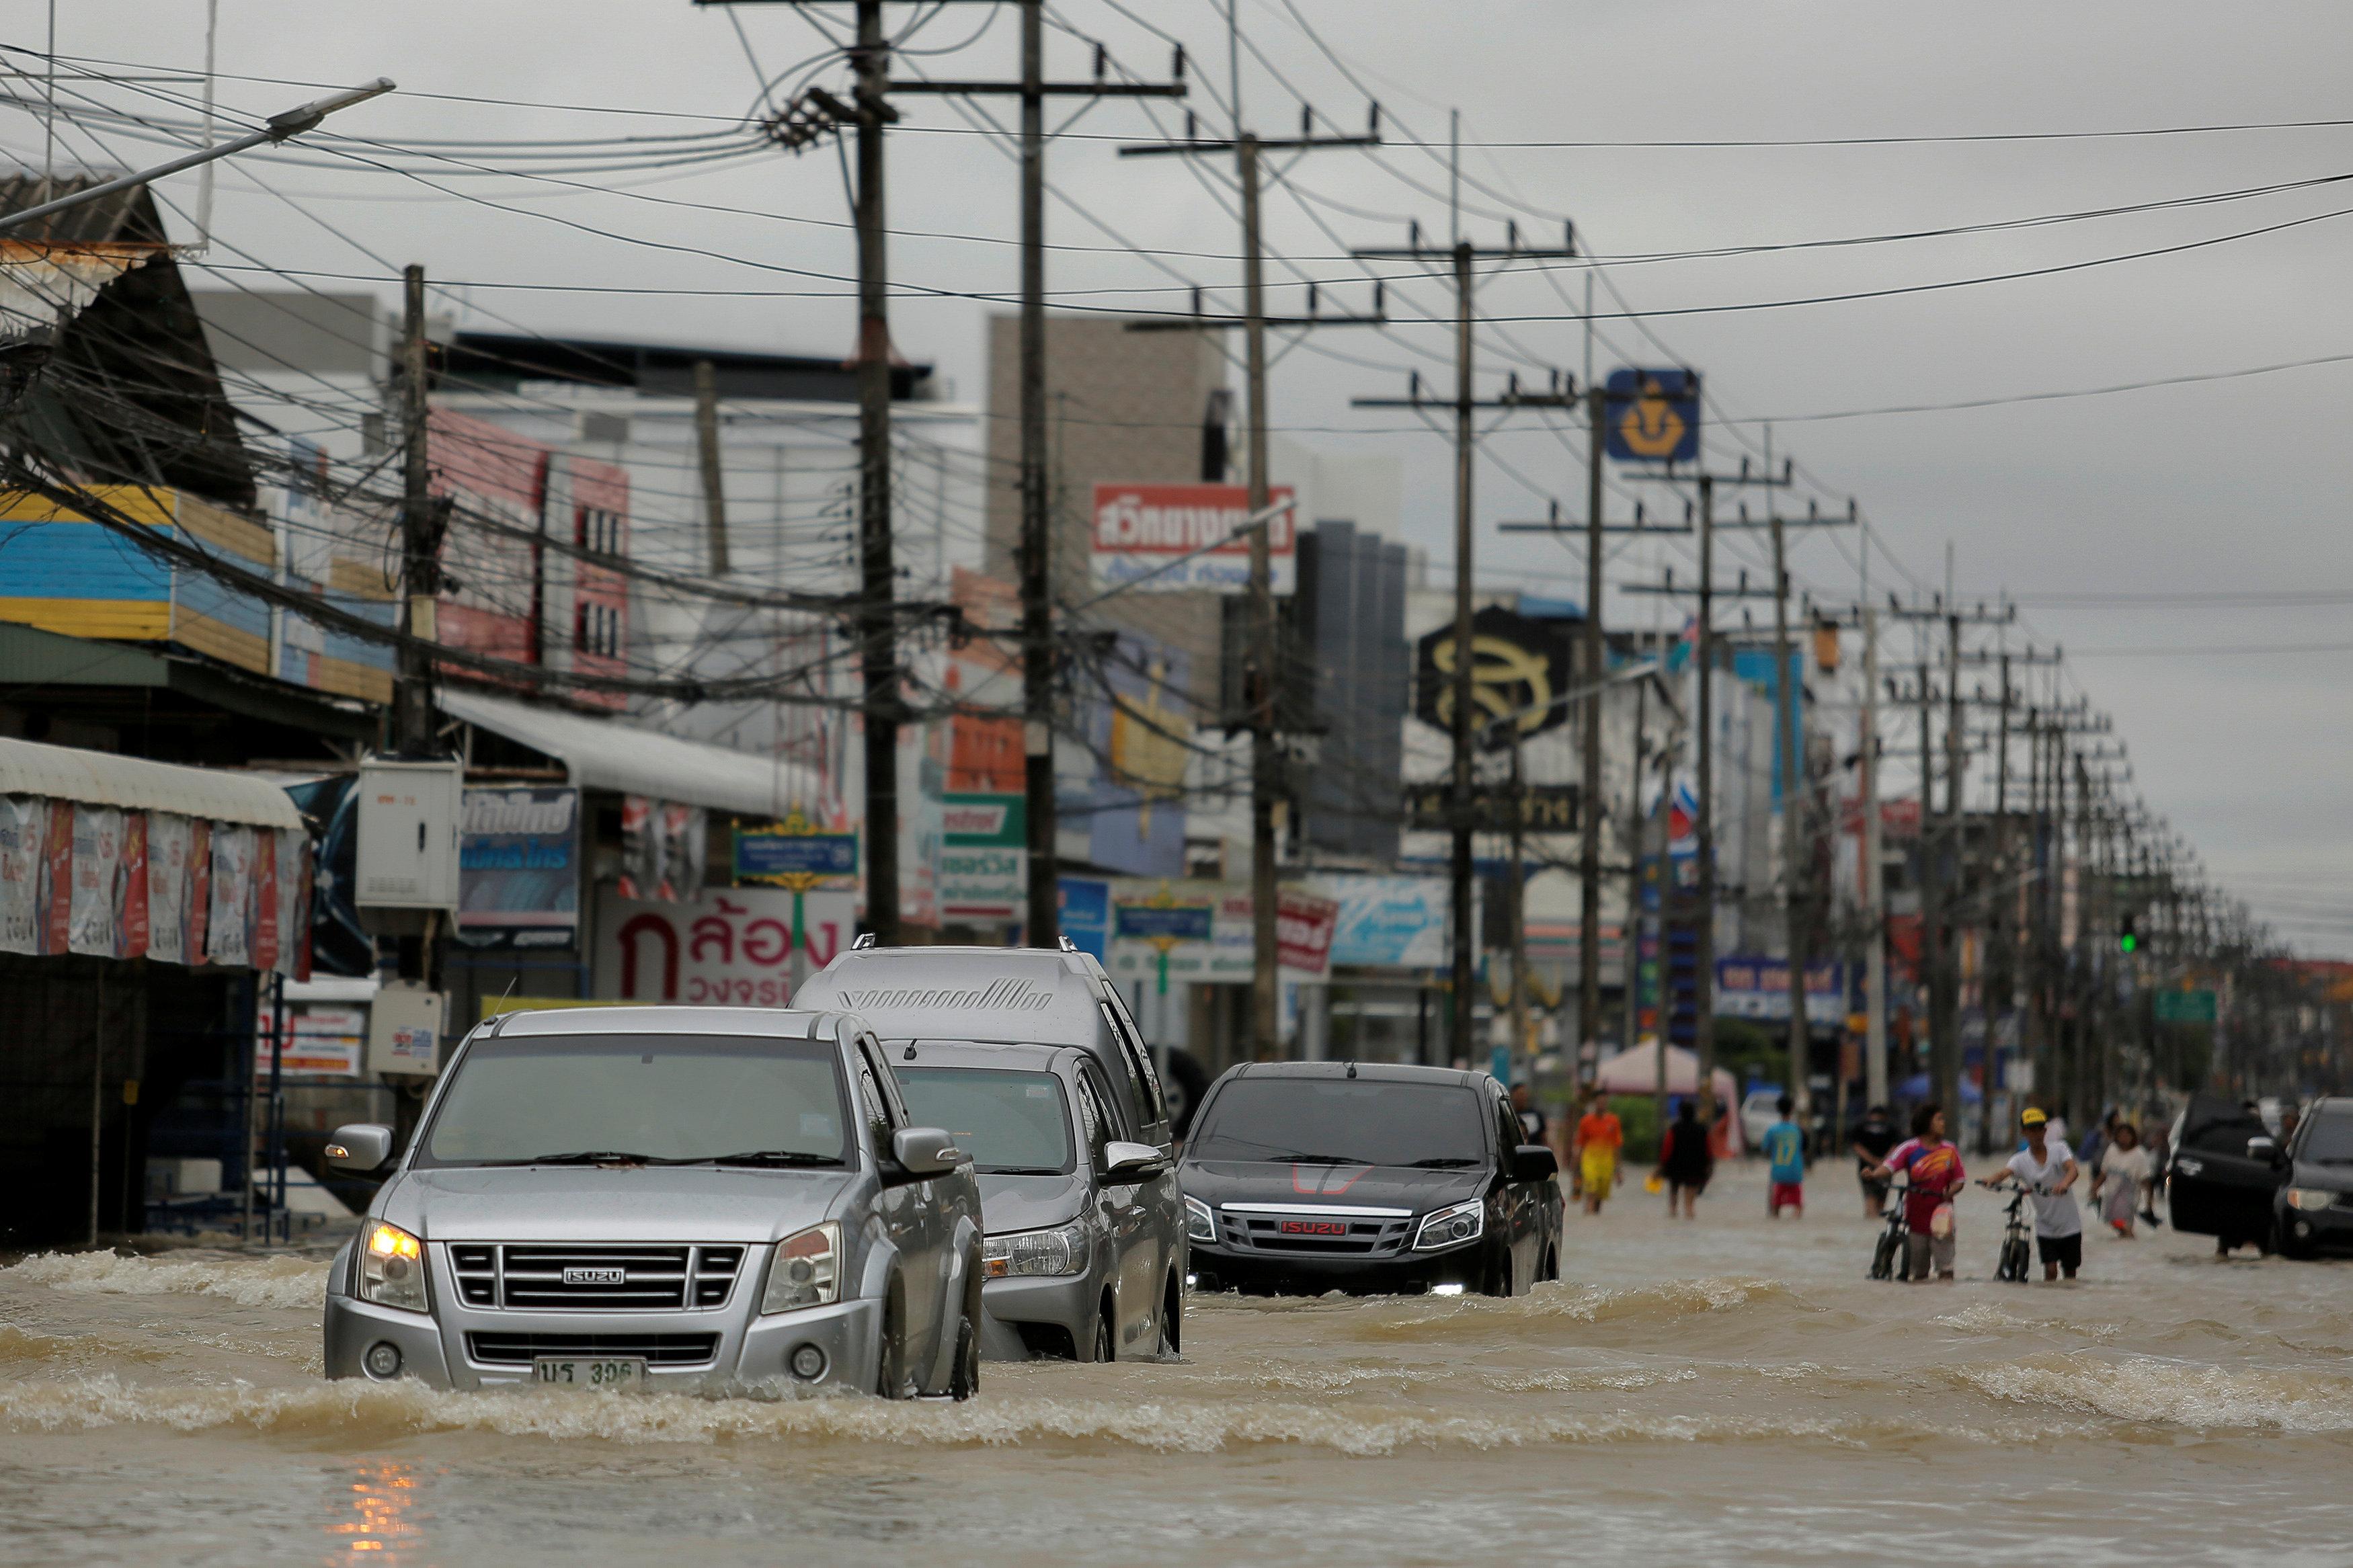 سيارات تسير فى مياه الفيضانات وسط شواع مقاطعة موانج - رويترز